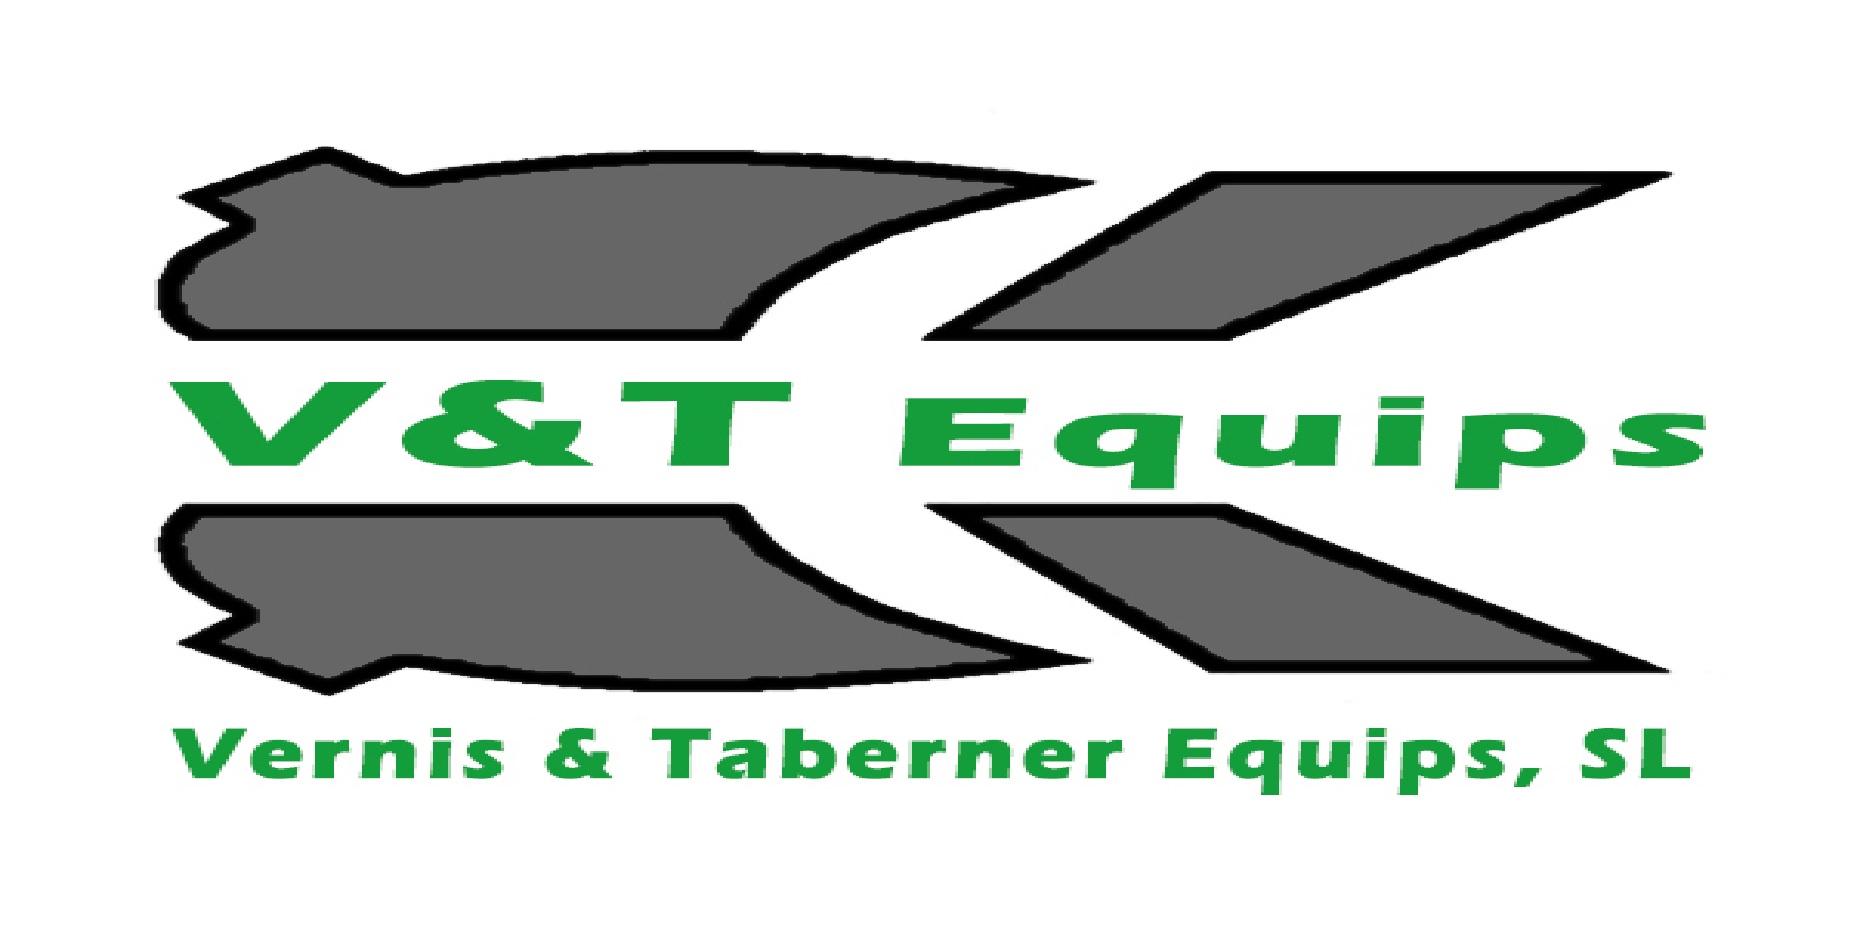 Vernis &Taberner Equips